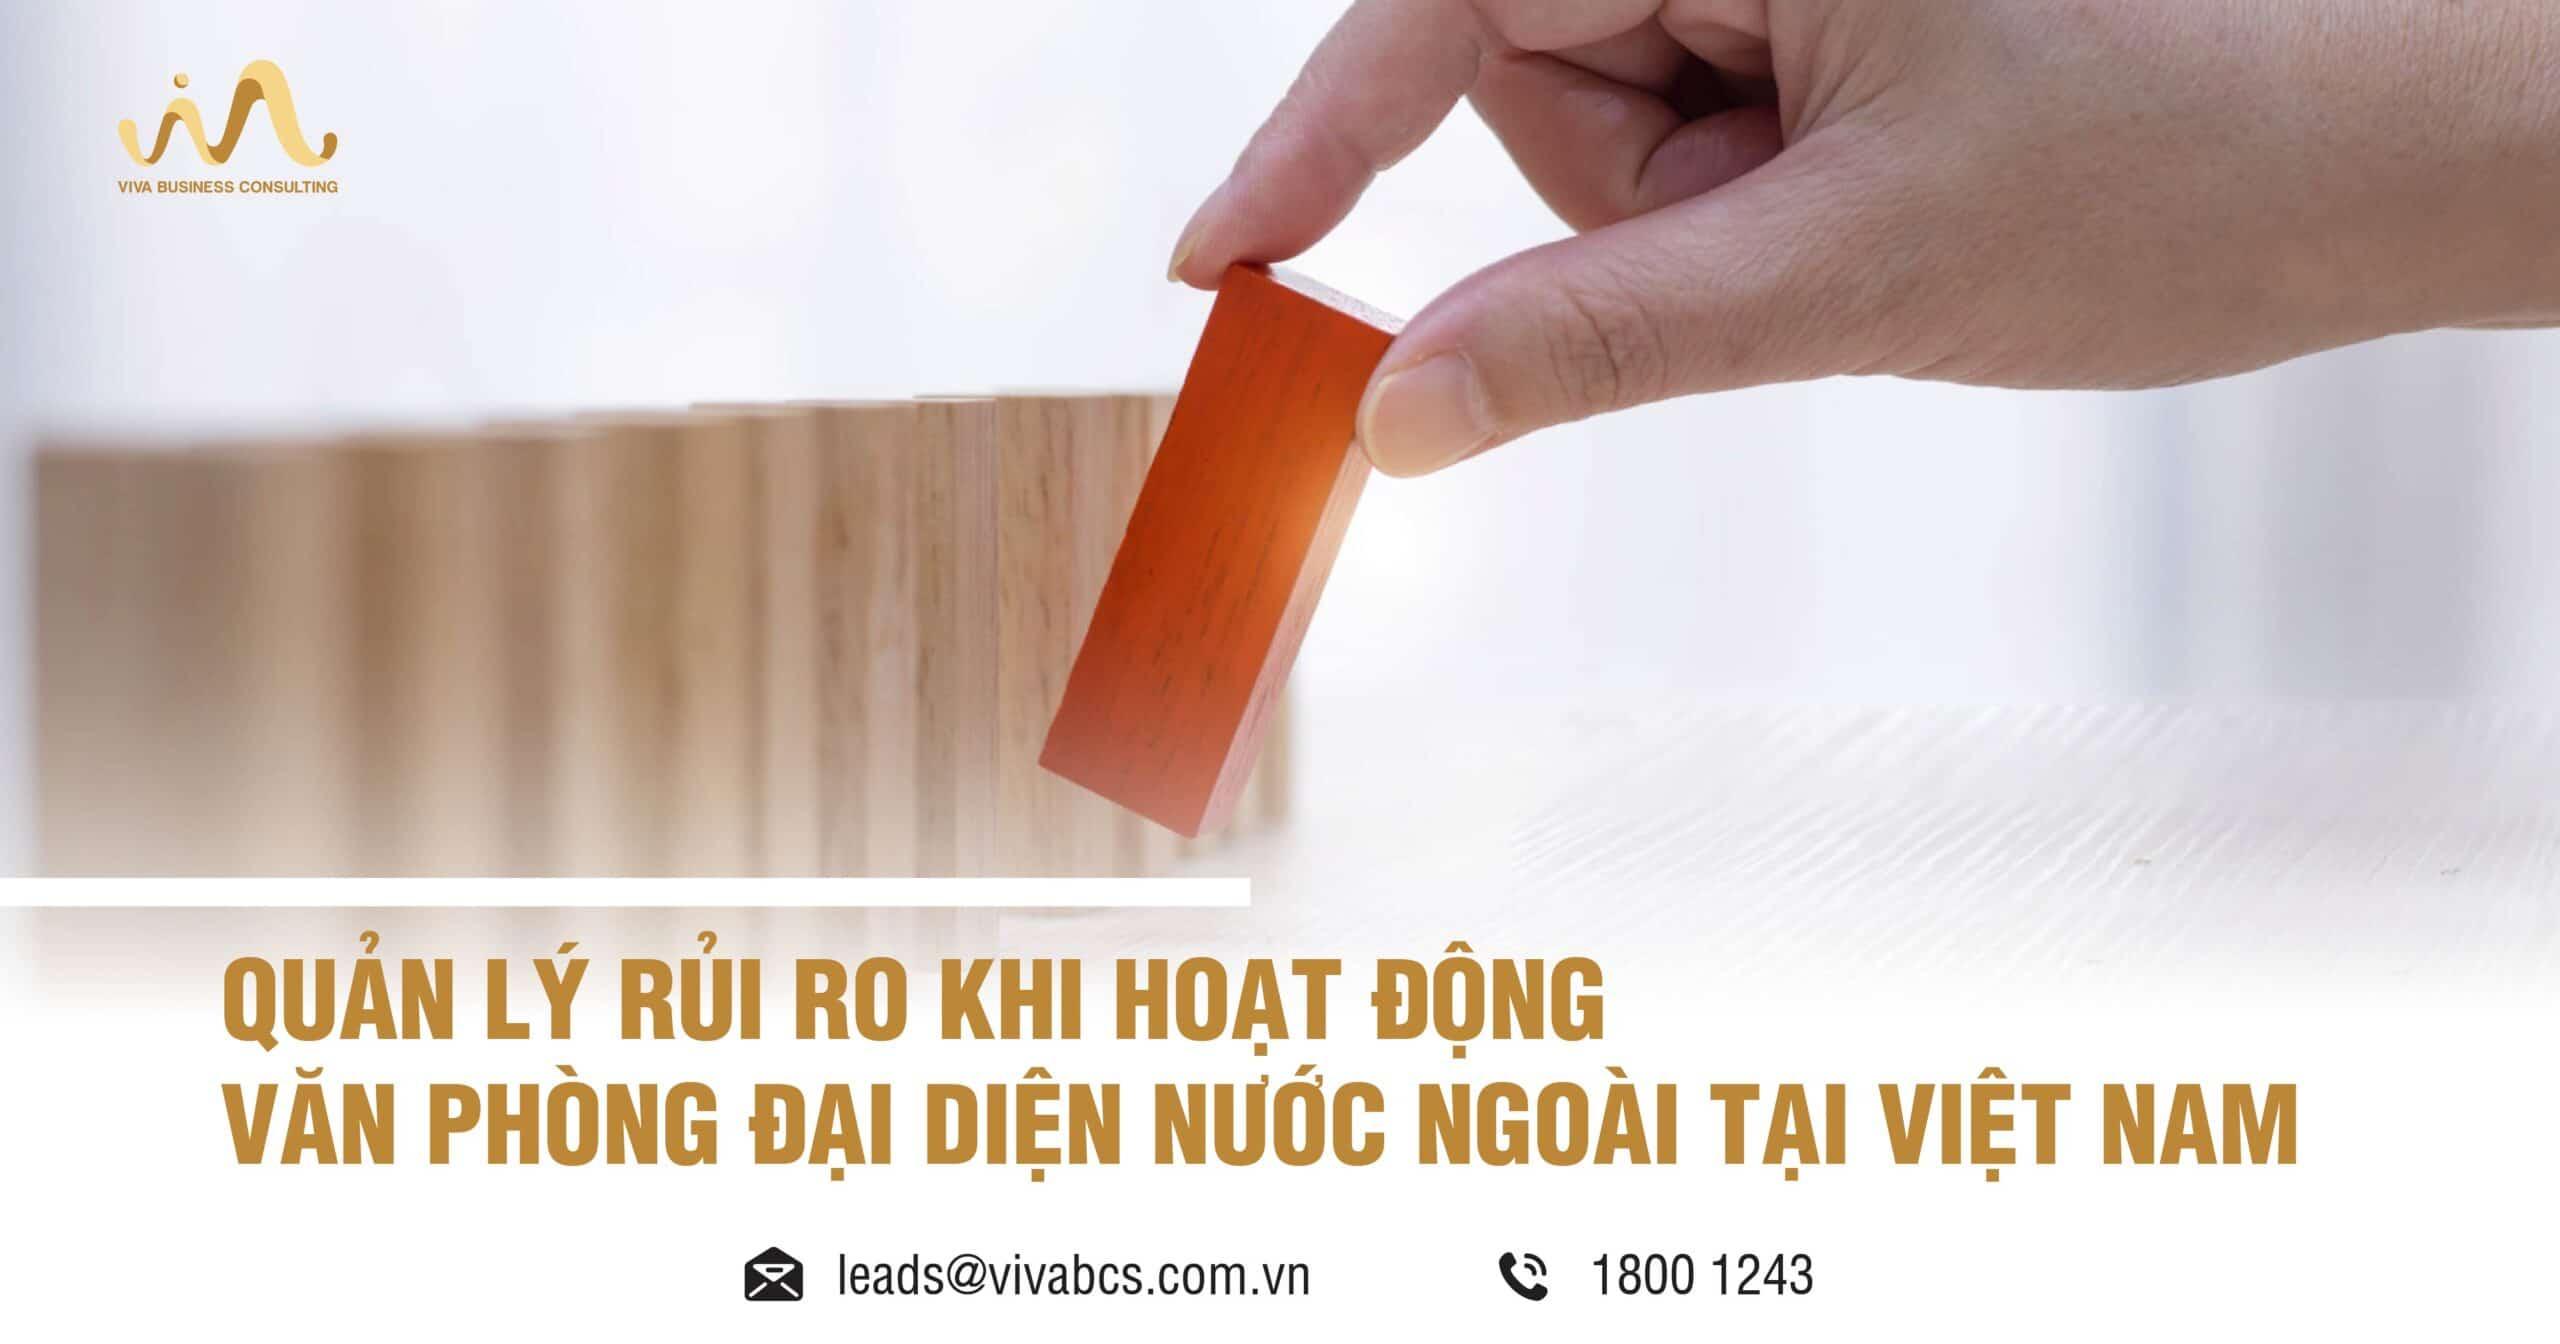 Quản lý rủi ro khi hoạt động văn phòng đại diện tại Việt Nam